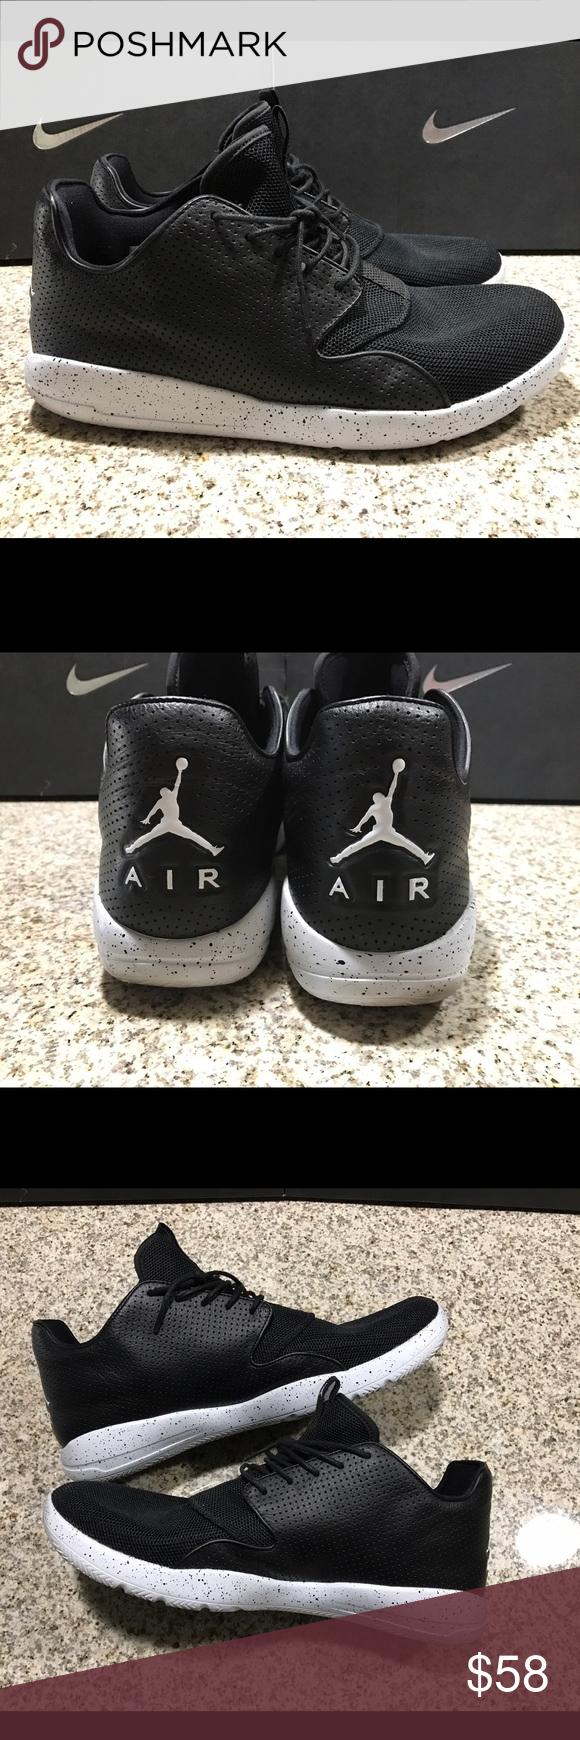 Men's Nike Air Jordan Eclipse Shoes (Used) | Nike air jordan ...